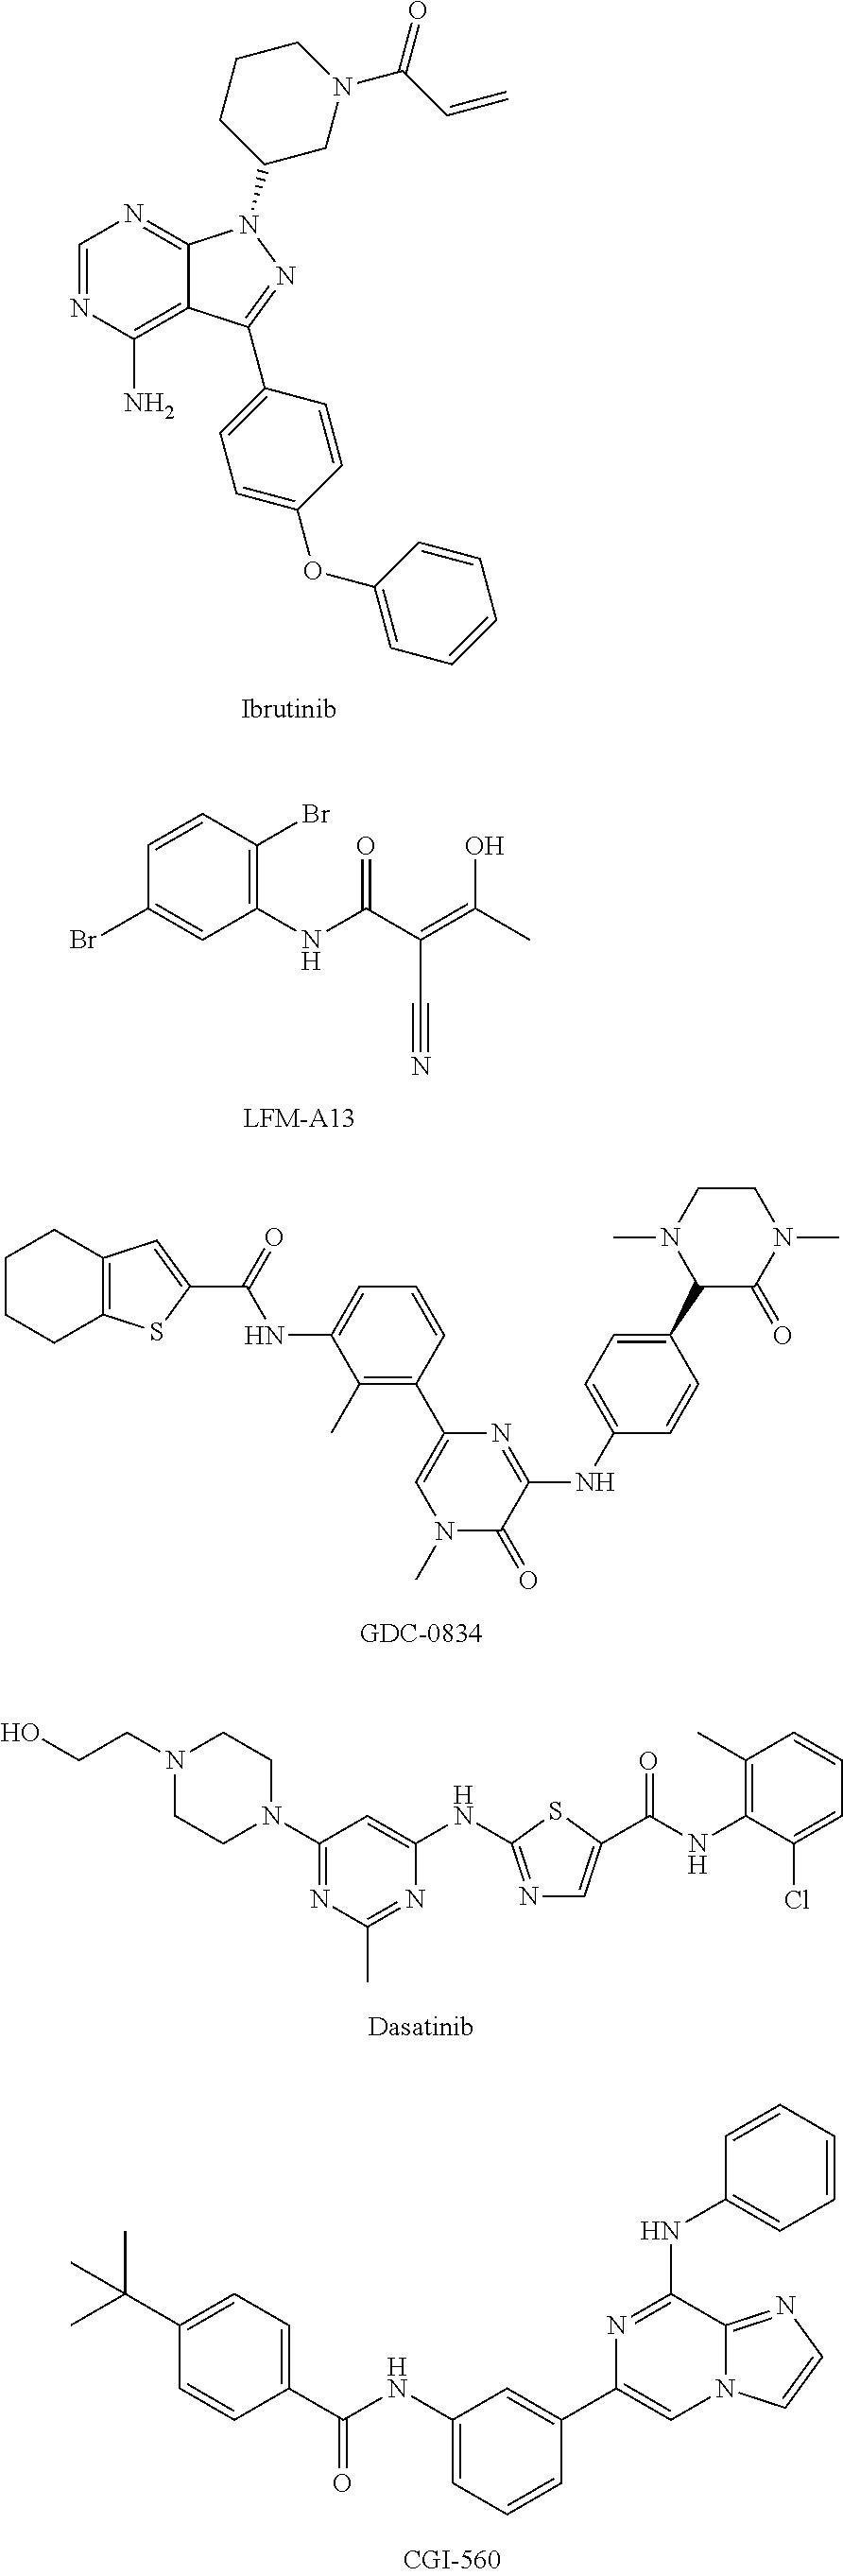 Figure US09956234-20180501-C00001